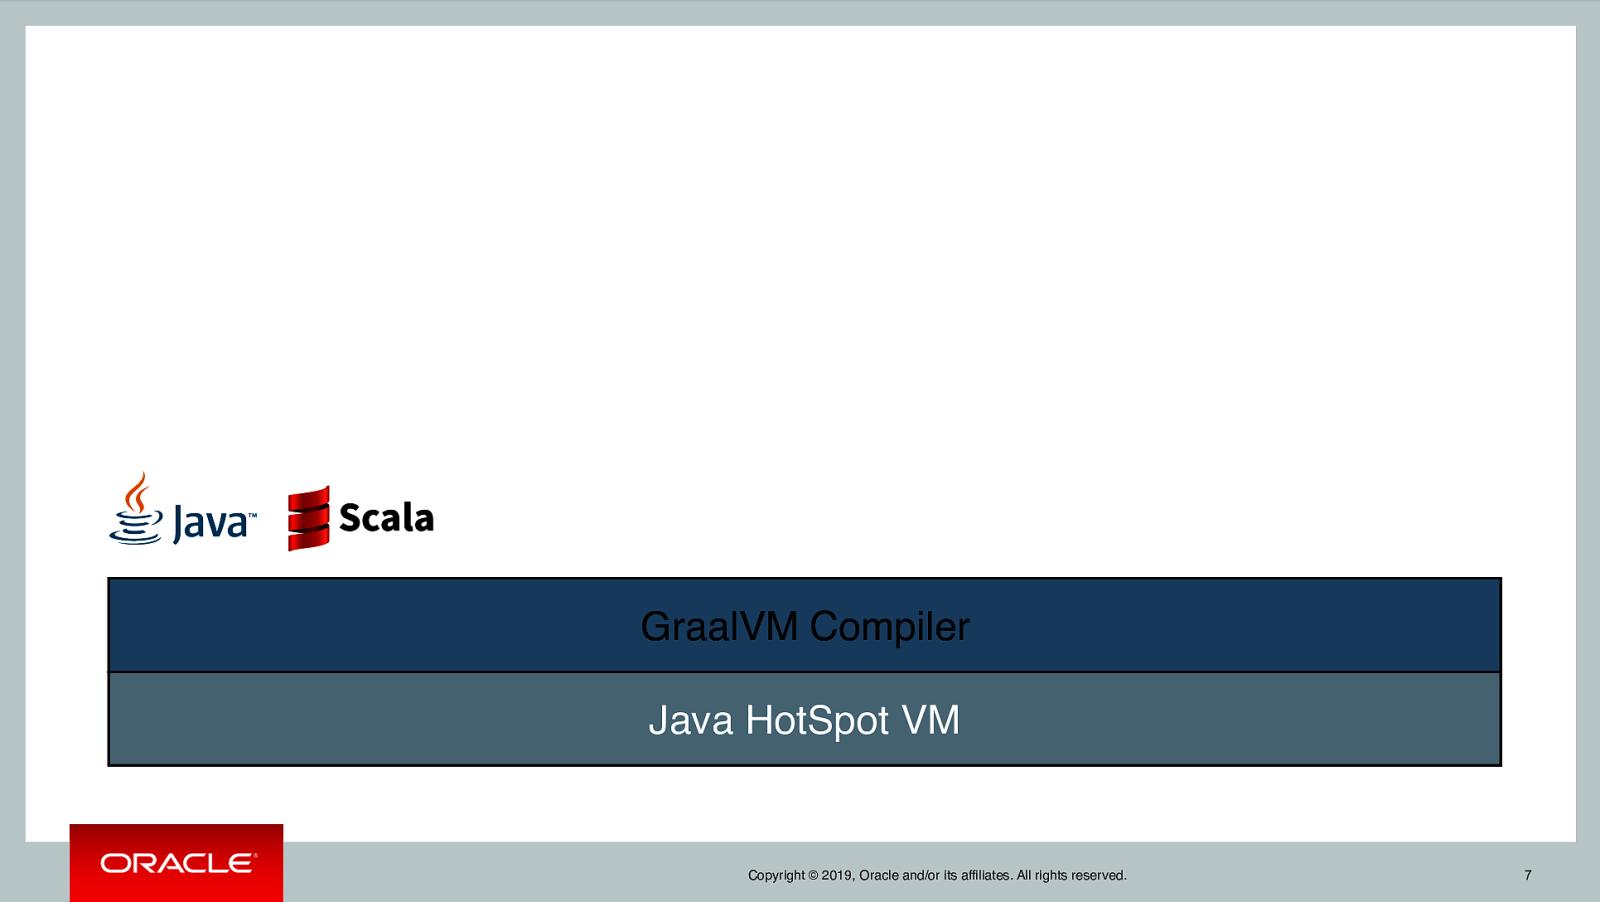 GraalVM for Java developers